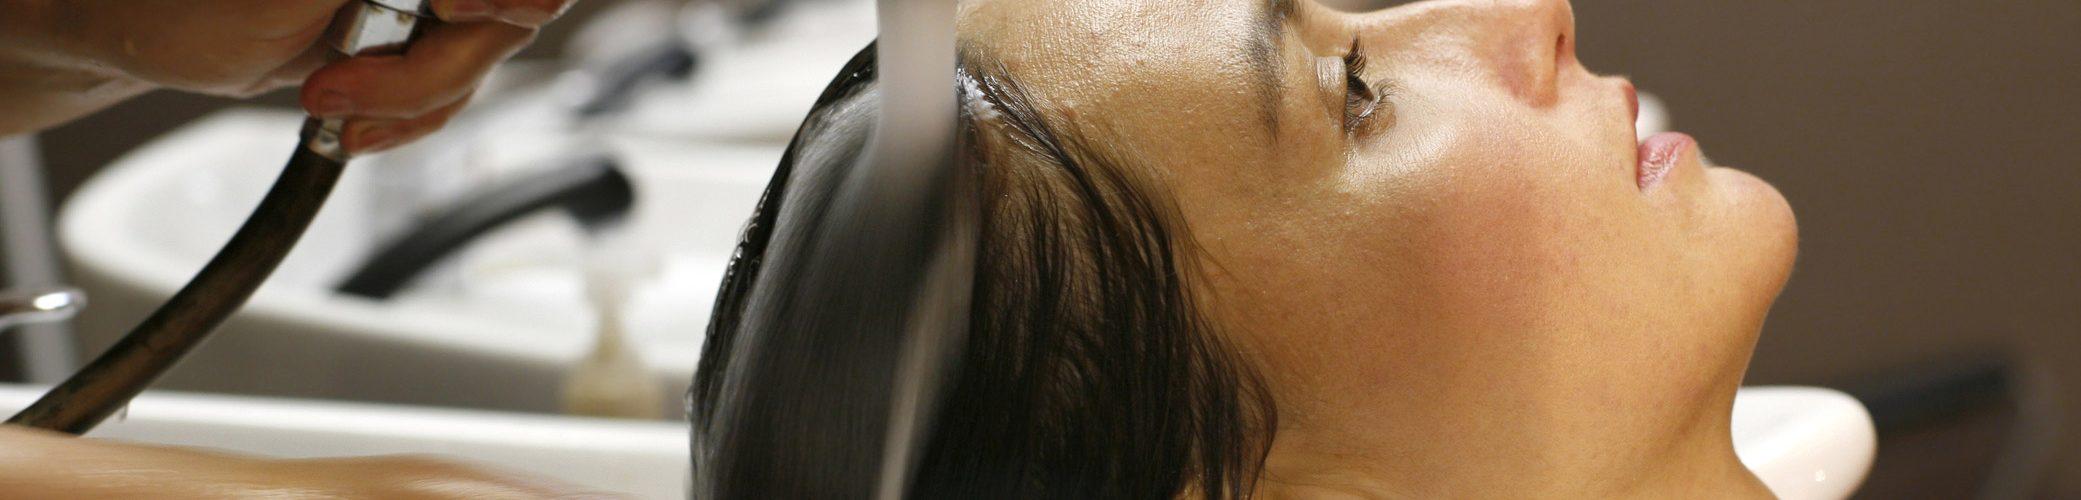 Coloration chez le coiffeur